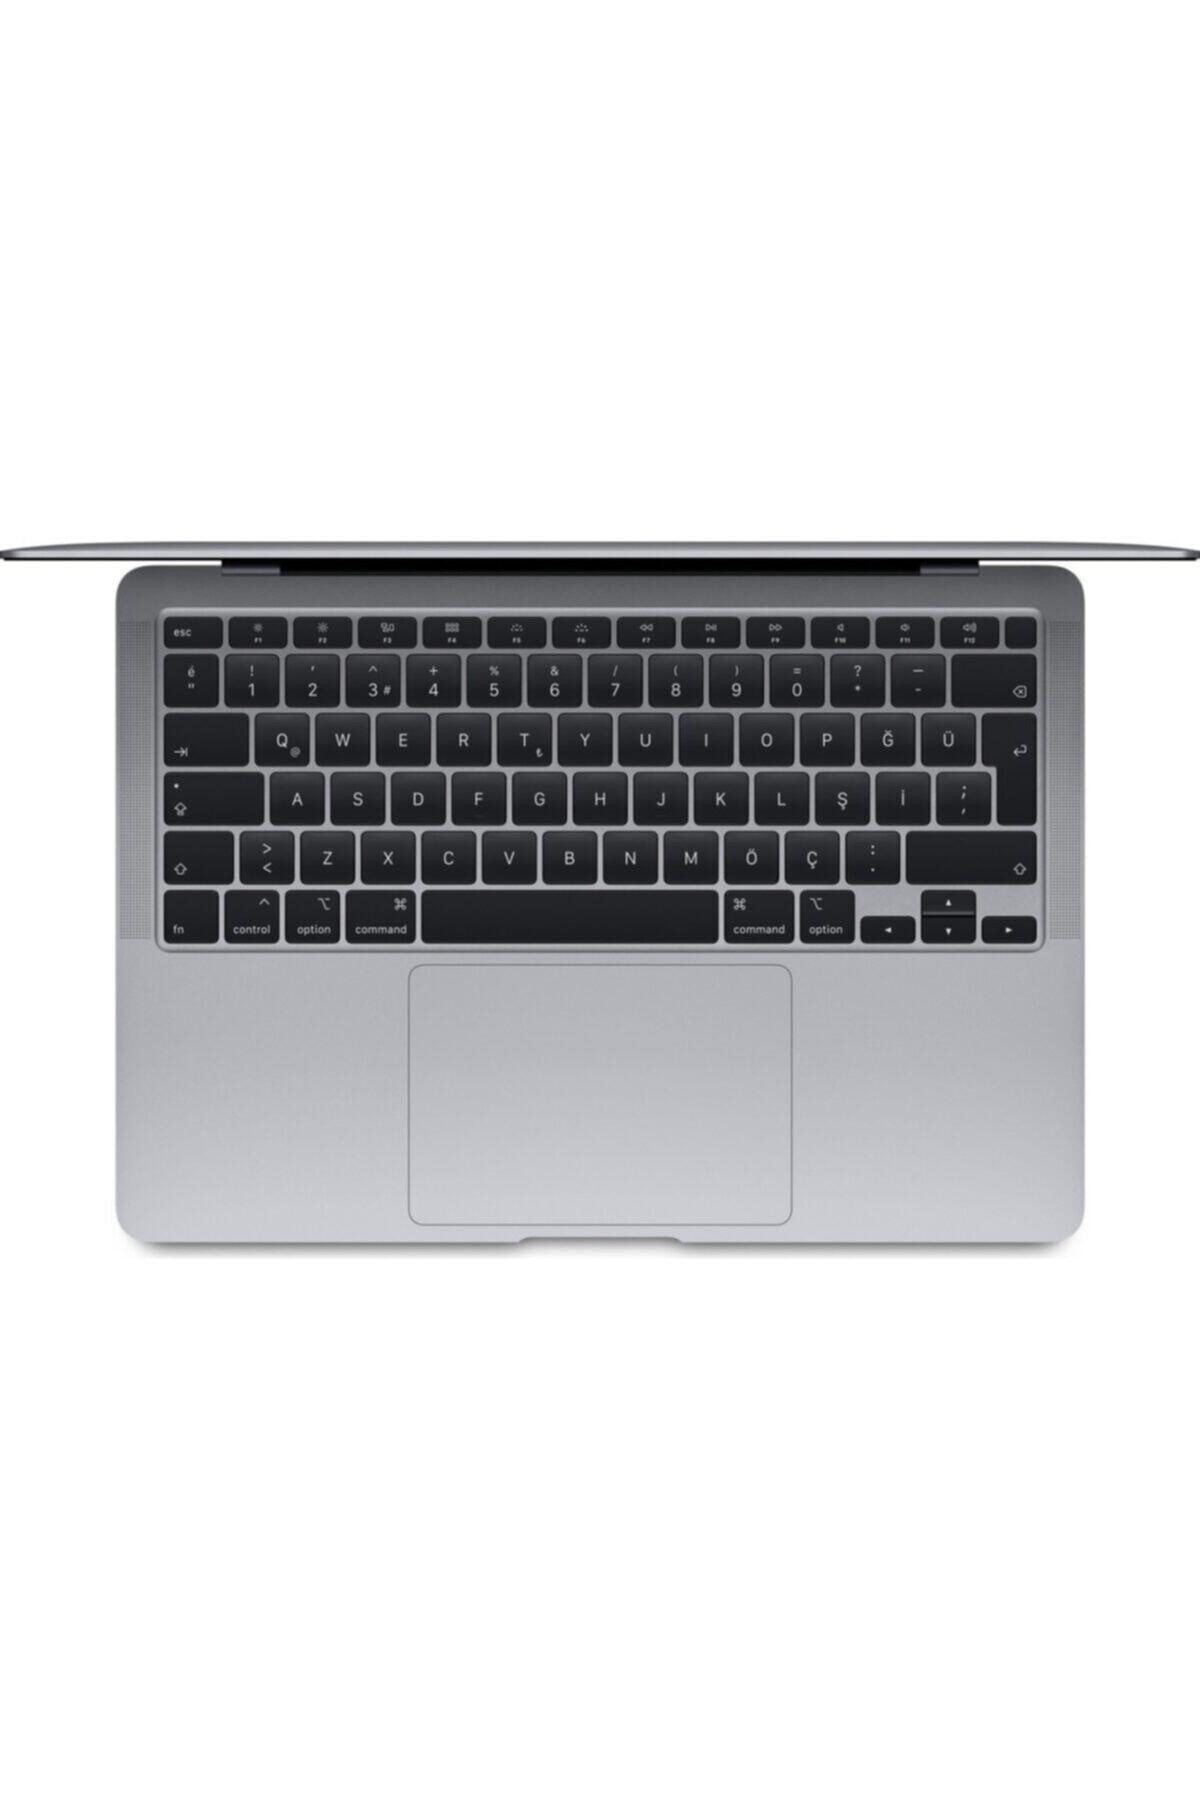 Apple Macbook Air 13'' M1 8gb 256gb Ssd Uzay Grisi - Mgn63tu/a 2